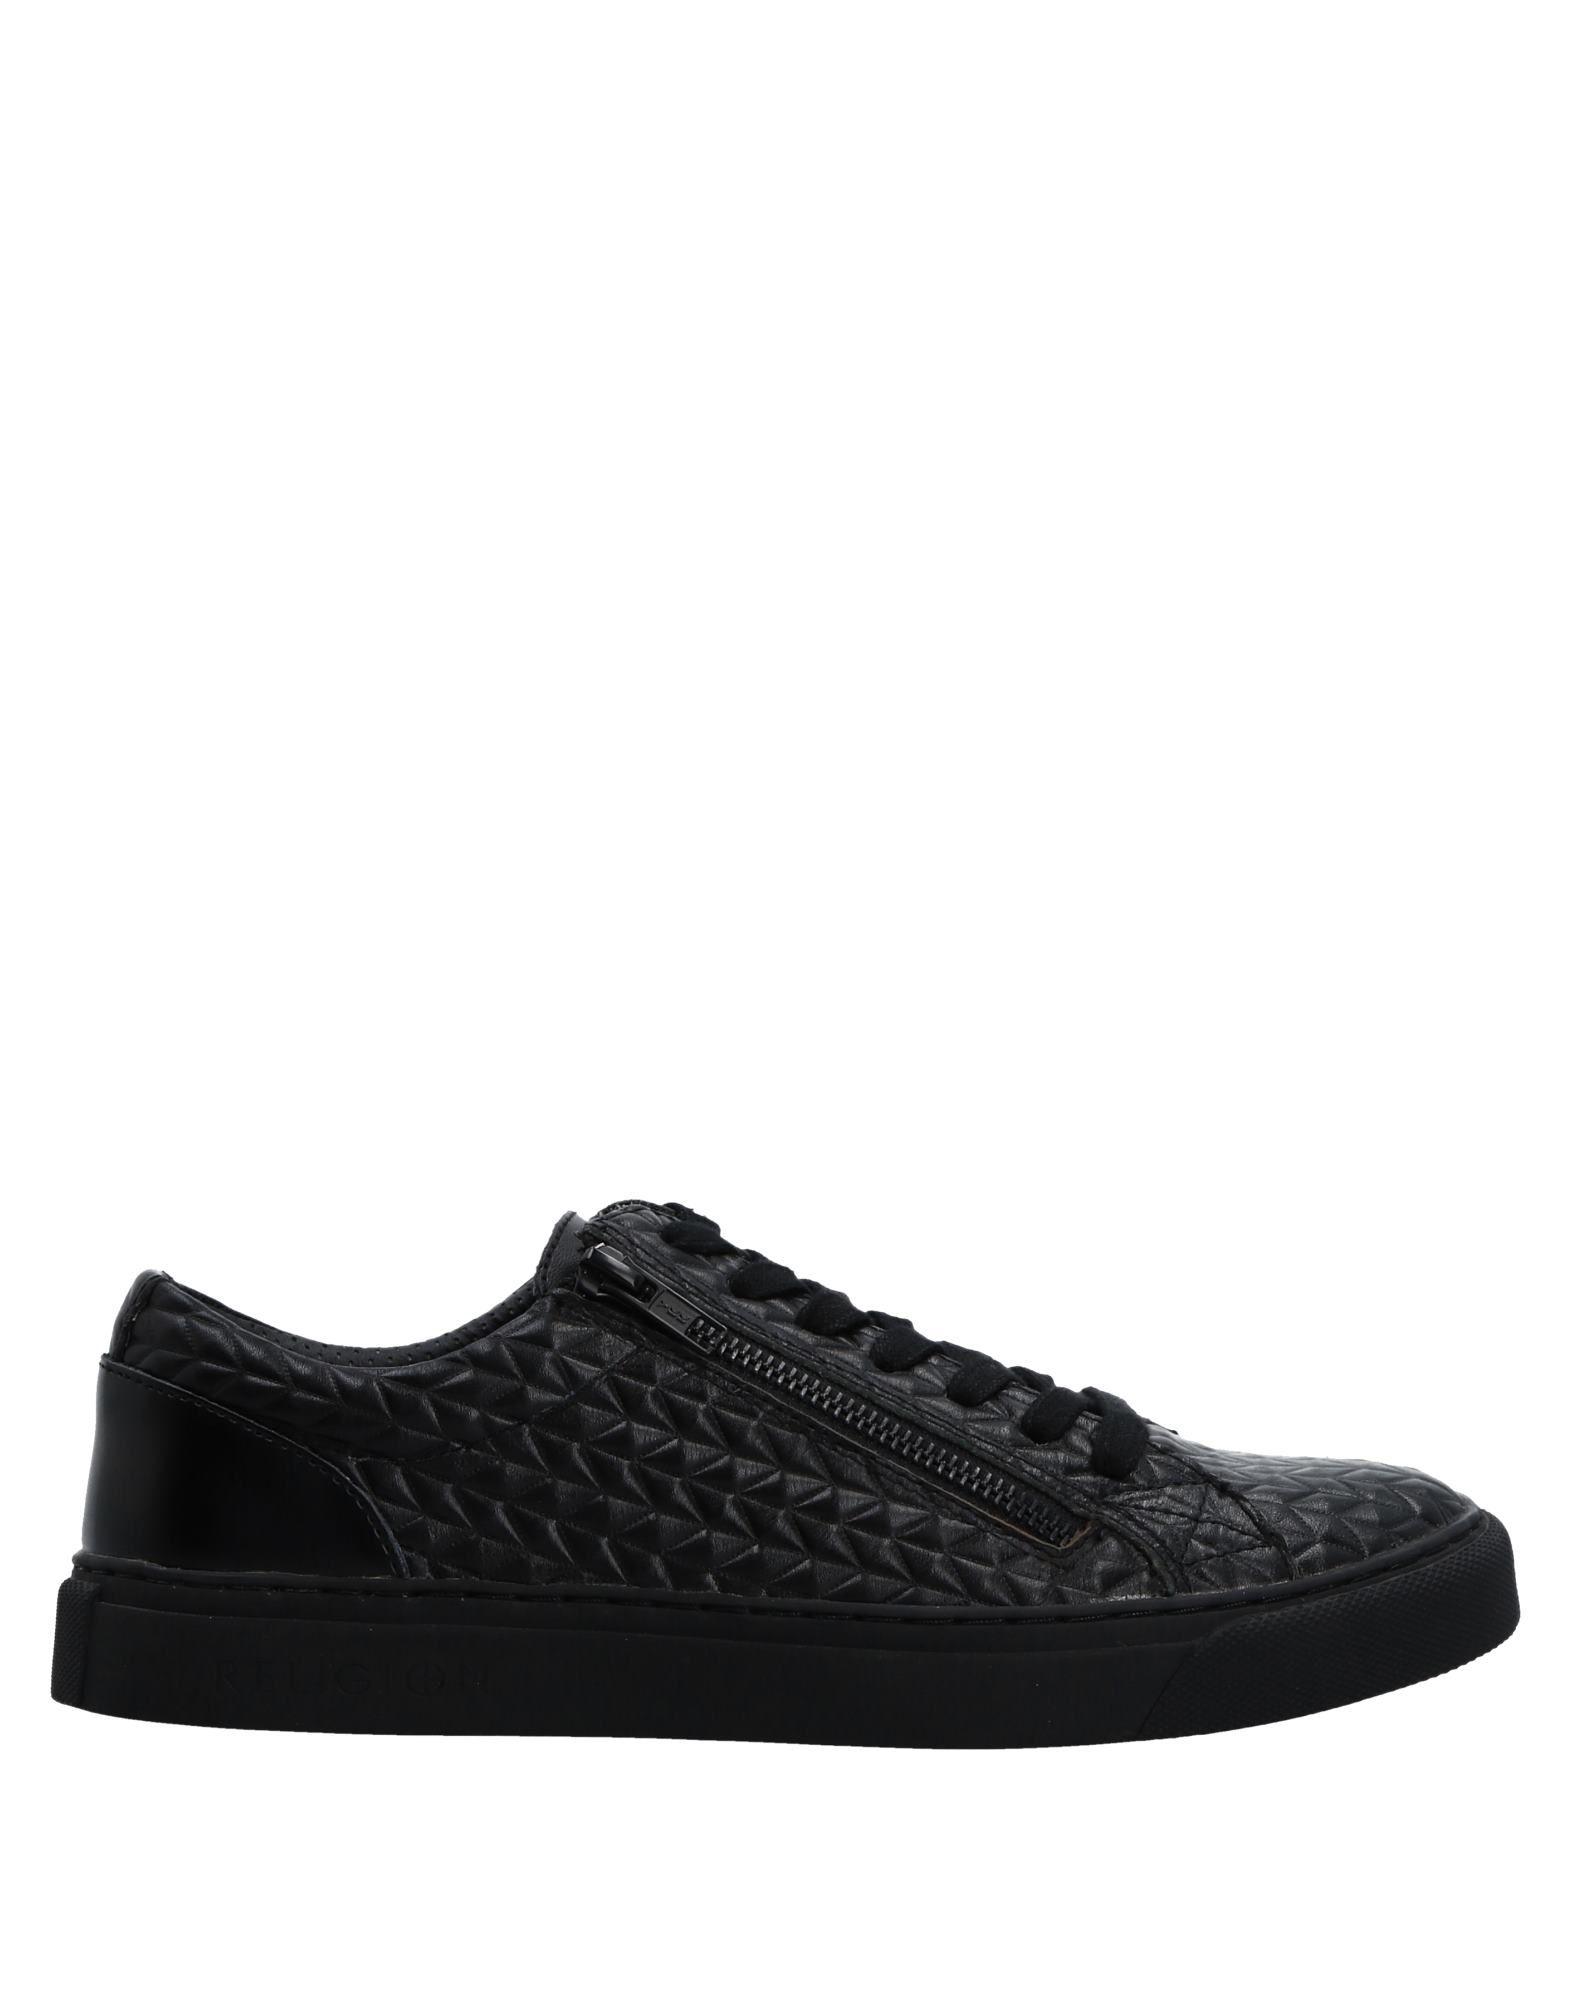 Sneakers Religion Uomo - 11529387RB Scarpe economiche e buone